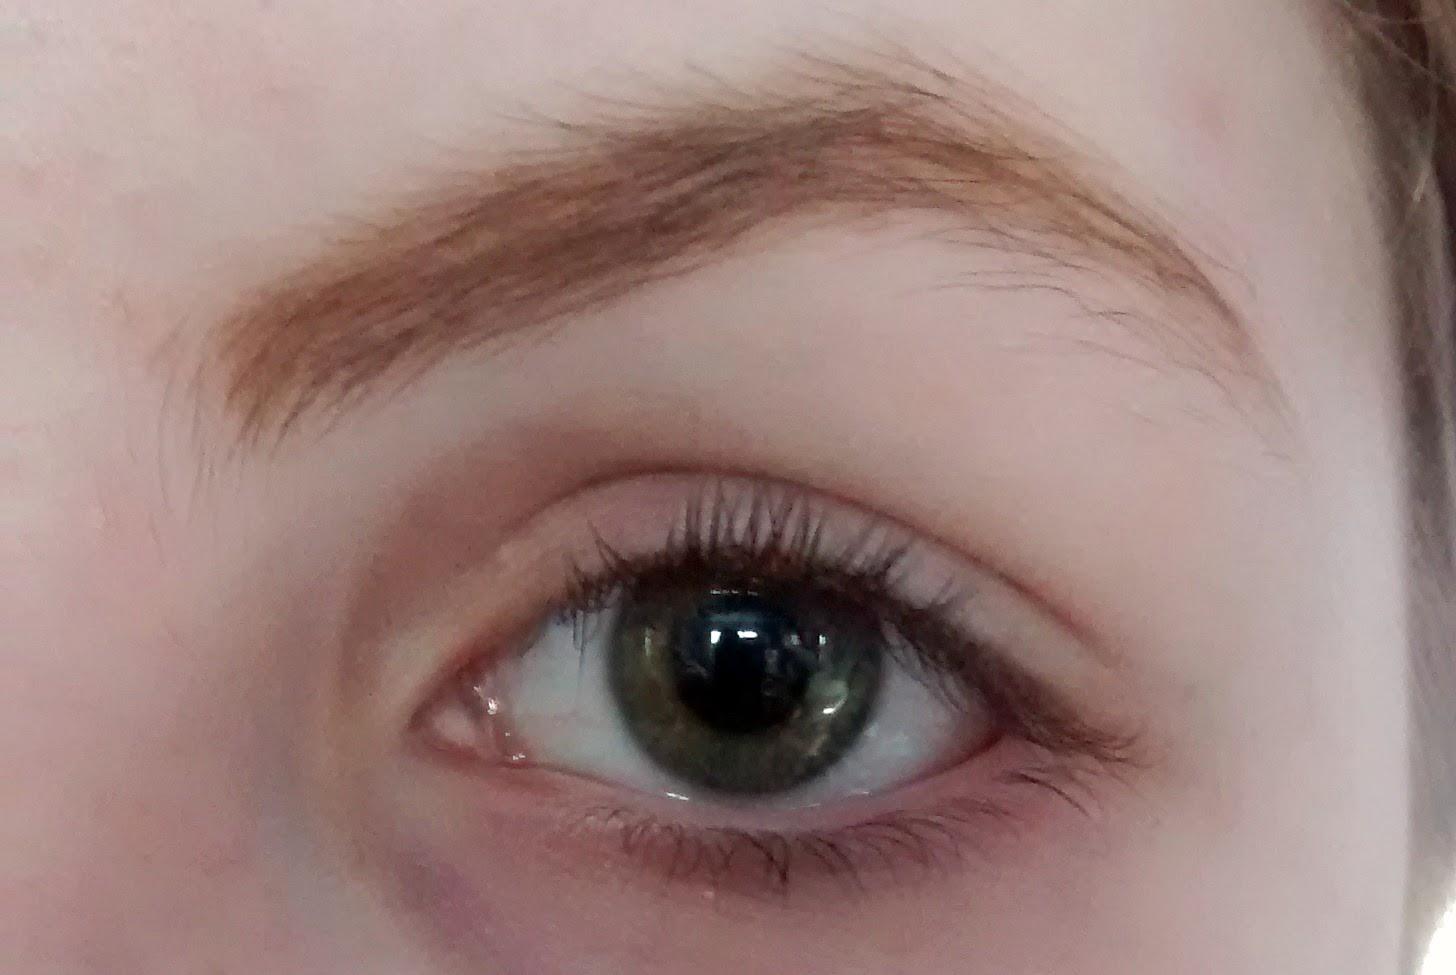 Curled Eyelashes